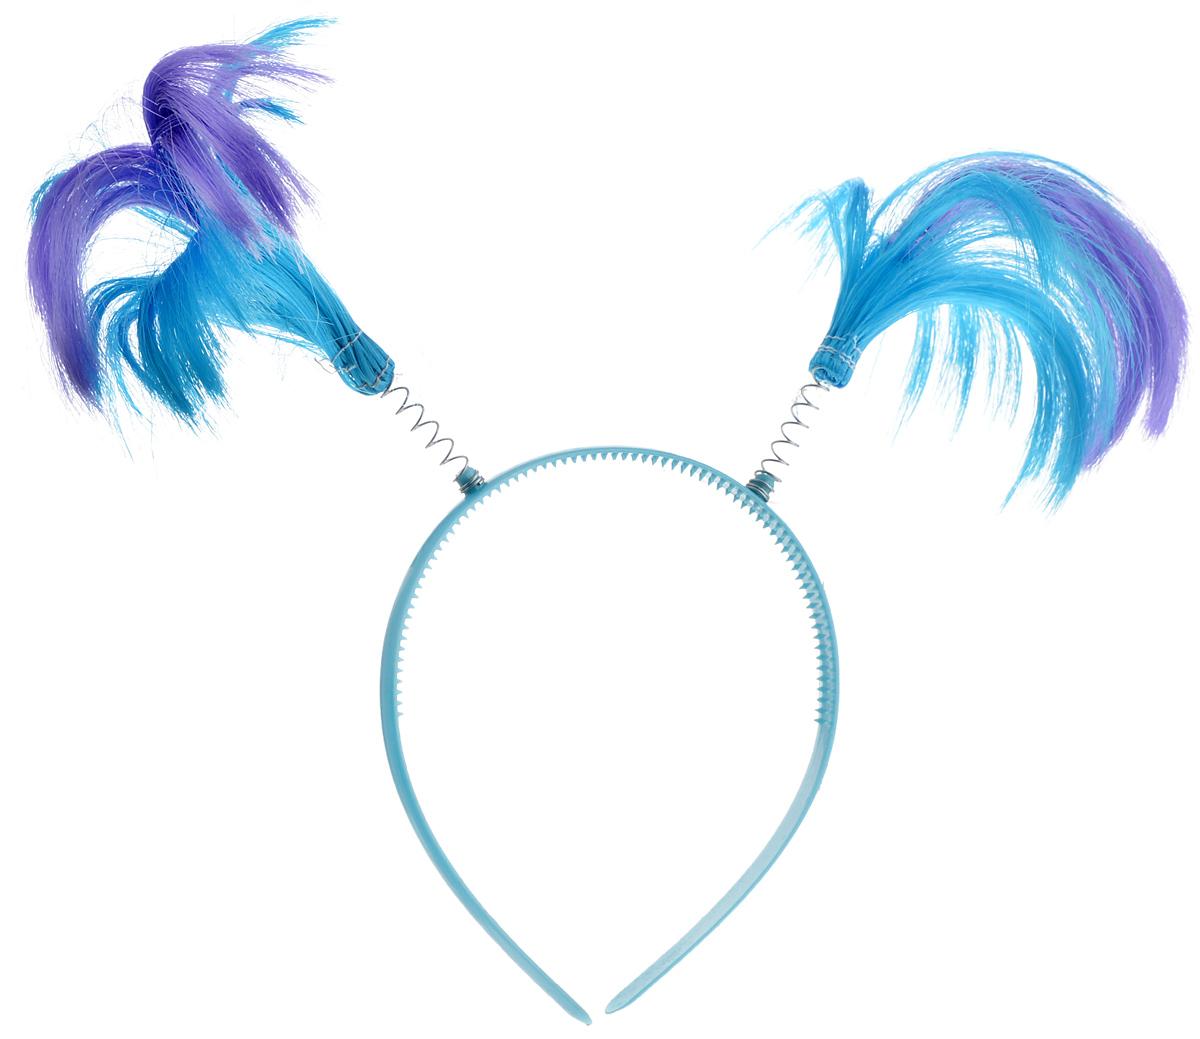 Ободок маскарадный Феникс-Презент Пеппи, цвет: голубой, фиолетовый34605_голубой, фиолетовыйМаскарадный ободок Феникс-Презент Пеппи выполнен из пластика и дополнен хвостиками из полиэстера на металлических пружинах. Ободок имеет универсальный размер. Если у вас намечается веселая вечеринка или маскарад, то такой аксессуар легко поможет создать праздничный наряд. Внесите нотку задора и веселья в ваш праздник. Веселое настроение и масса положительных эмоций вам будут обеспечены! Высота хвостика: 15 см.